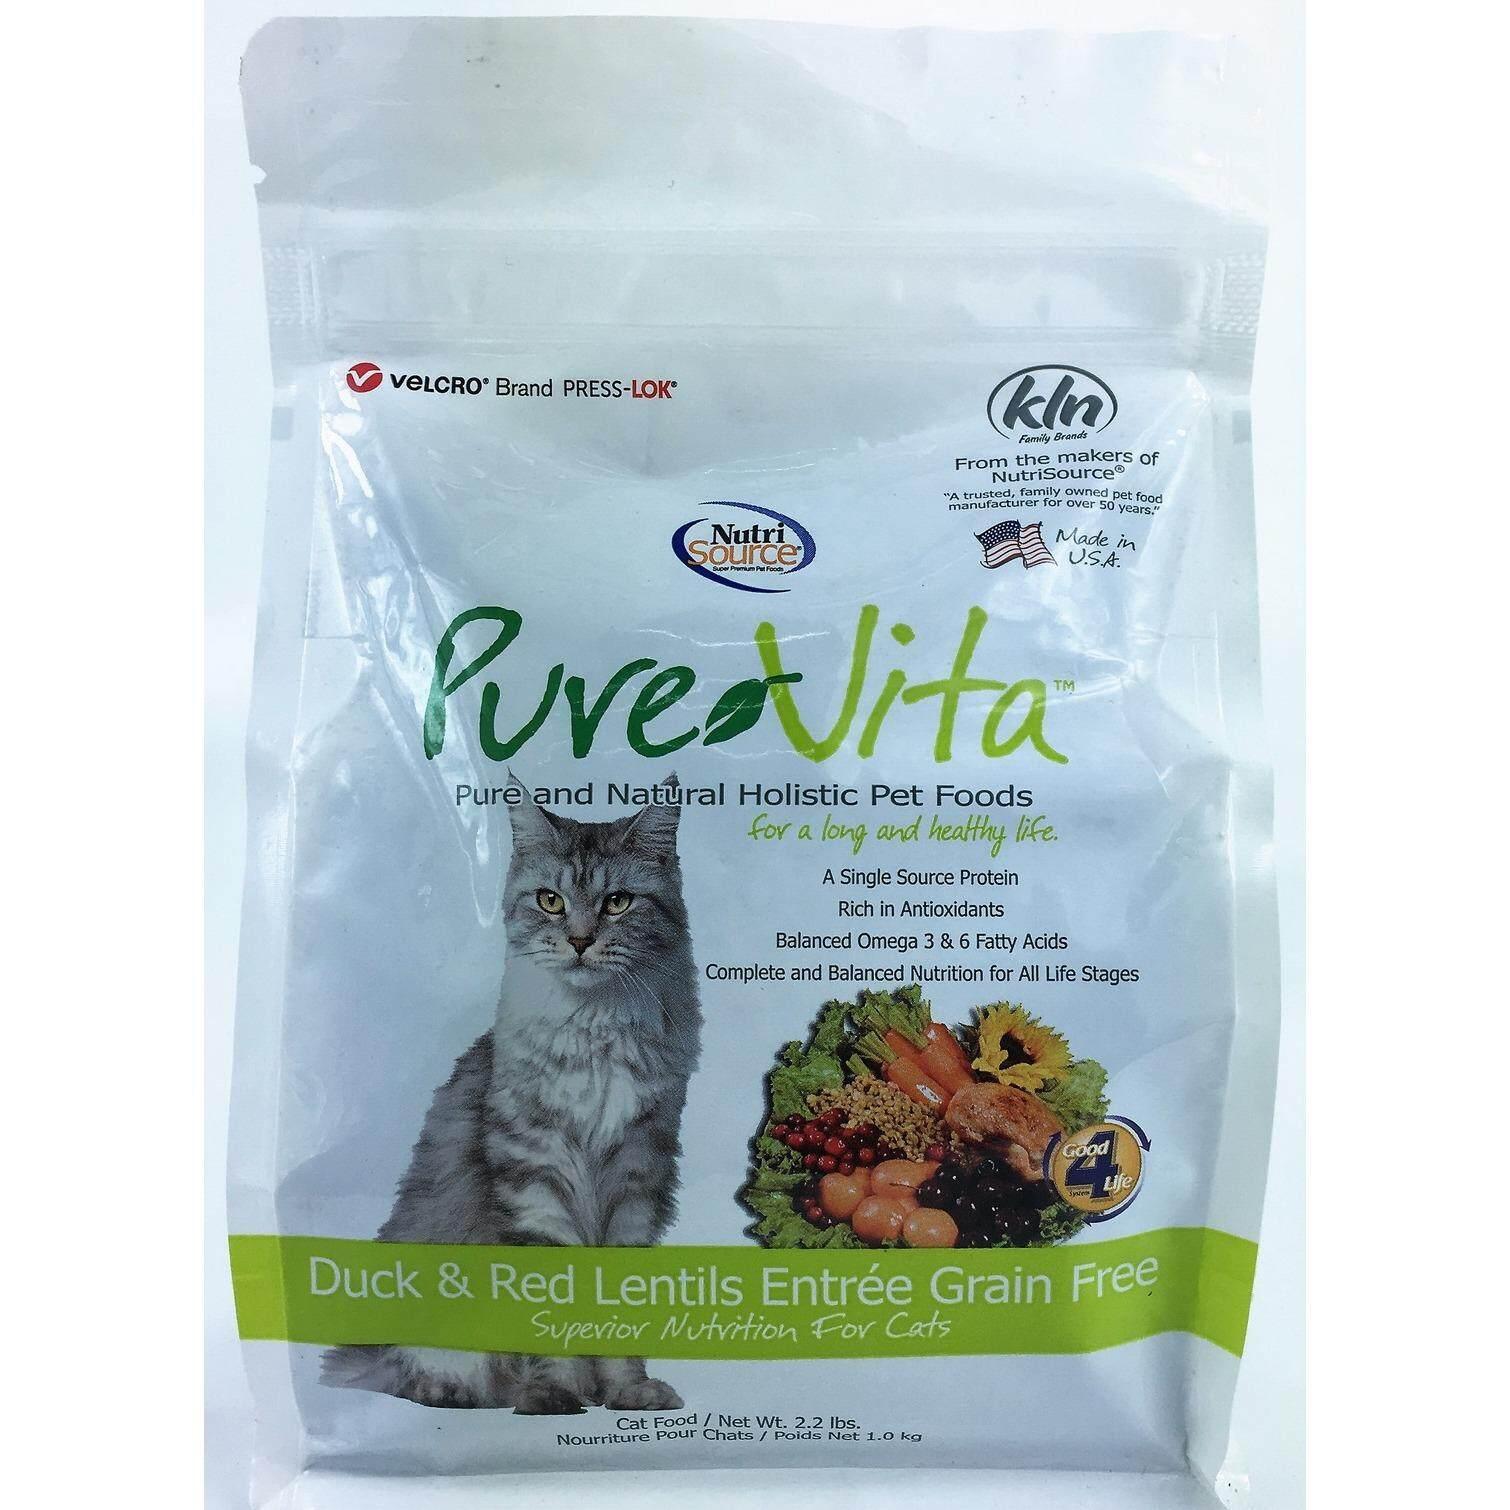 Nutri Source Pure Vita อาหารแมว โฮลิสติก เป็ด & เลนสิลส์แดง  1 กก.